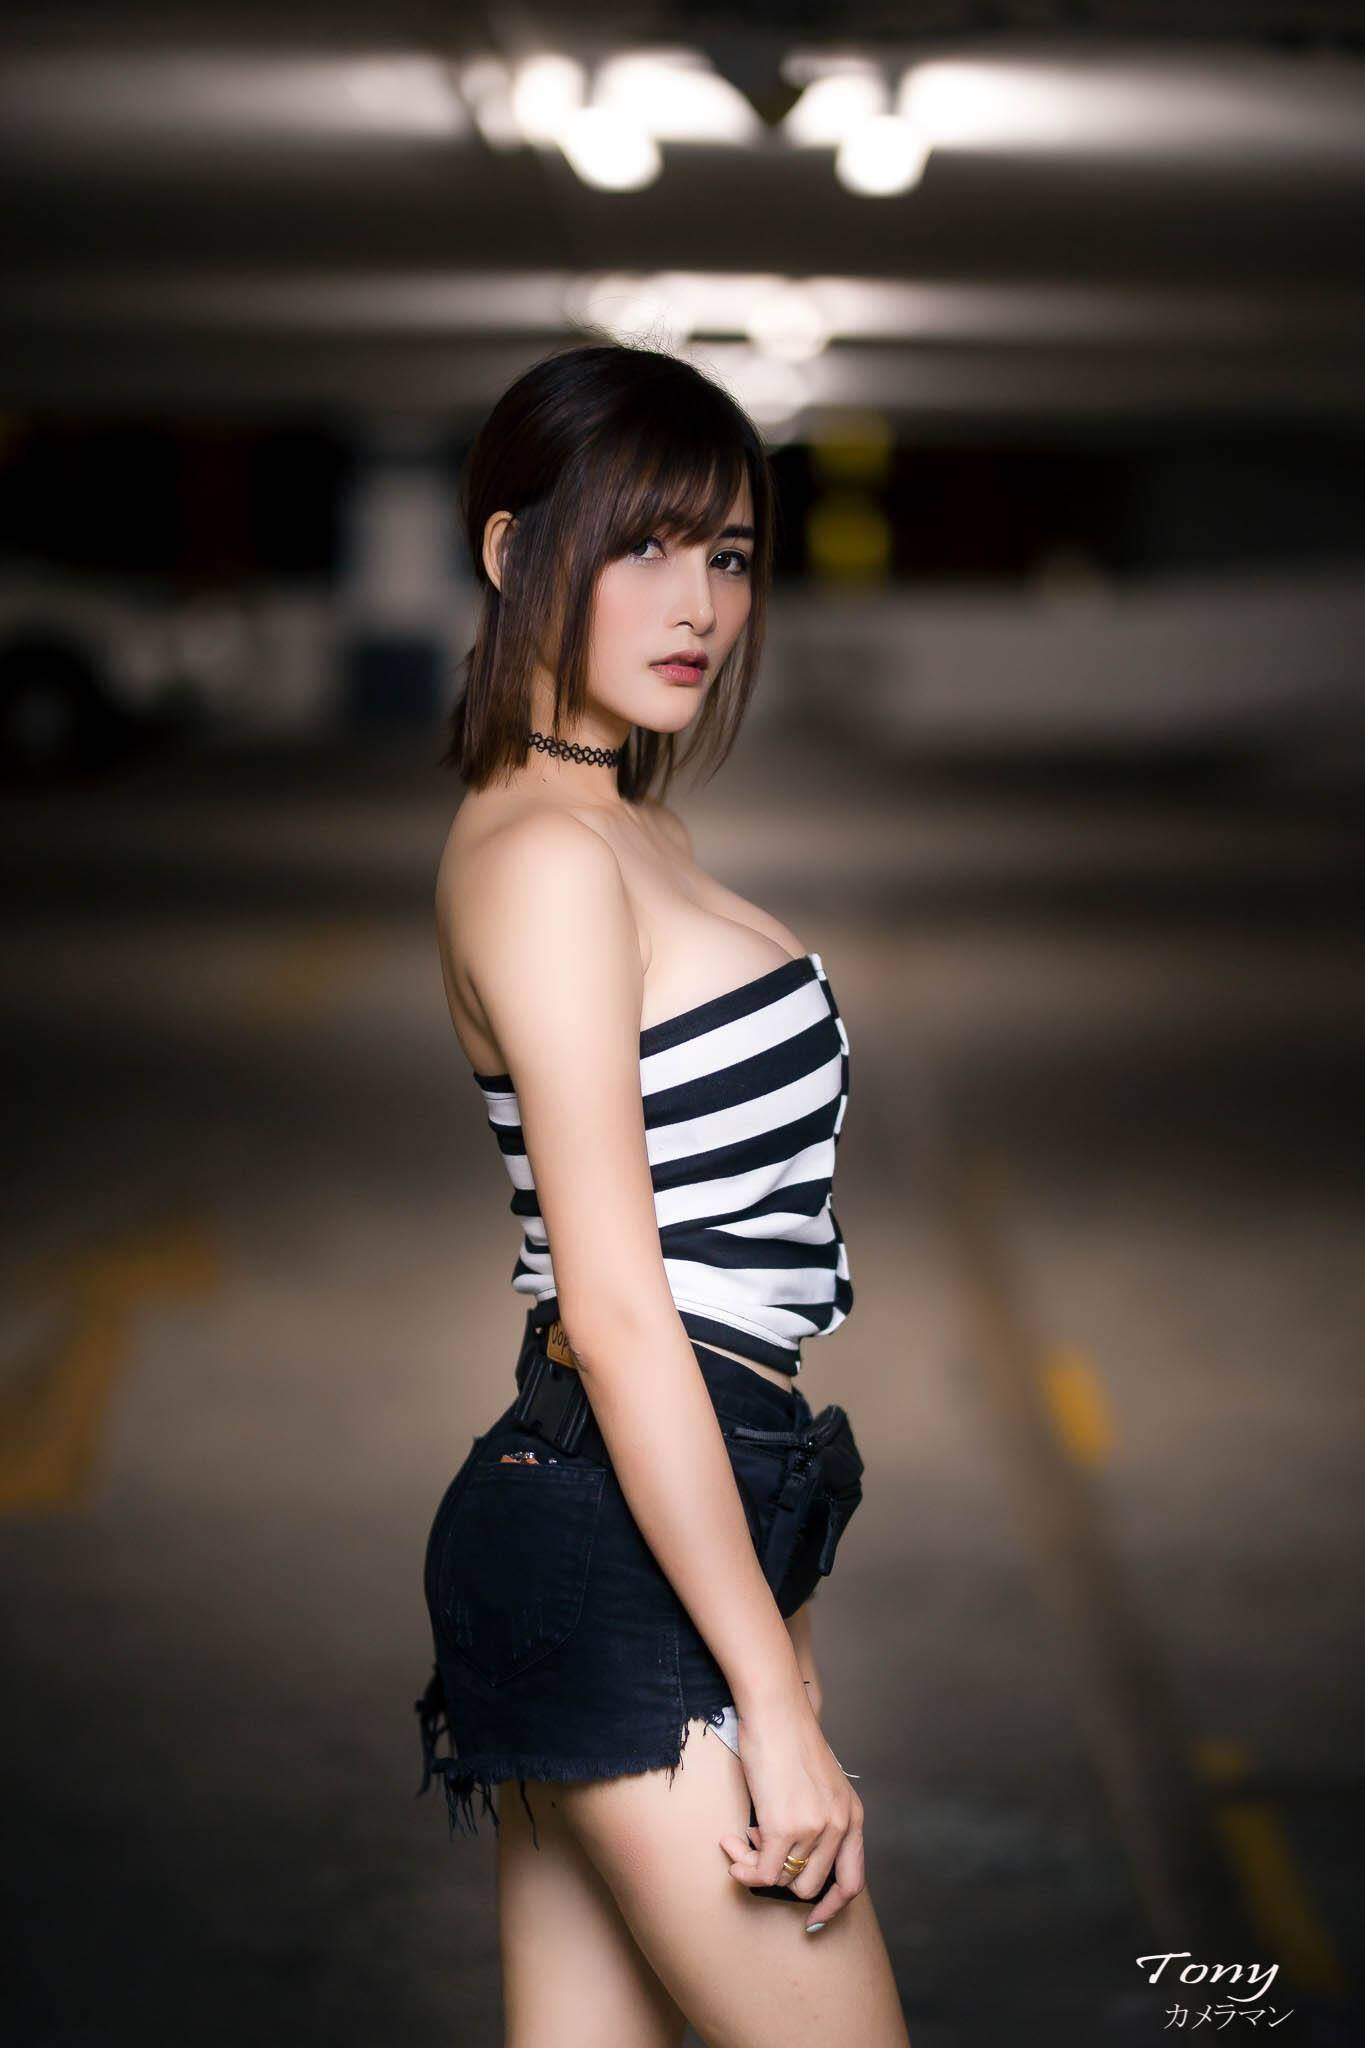 Một số hình ảnh khác của người đẹp Walaya Niwon trong bãi đỗ xe